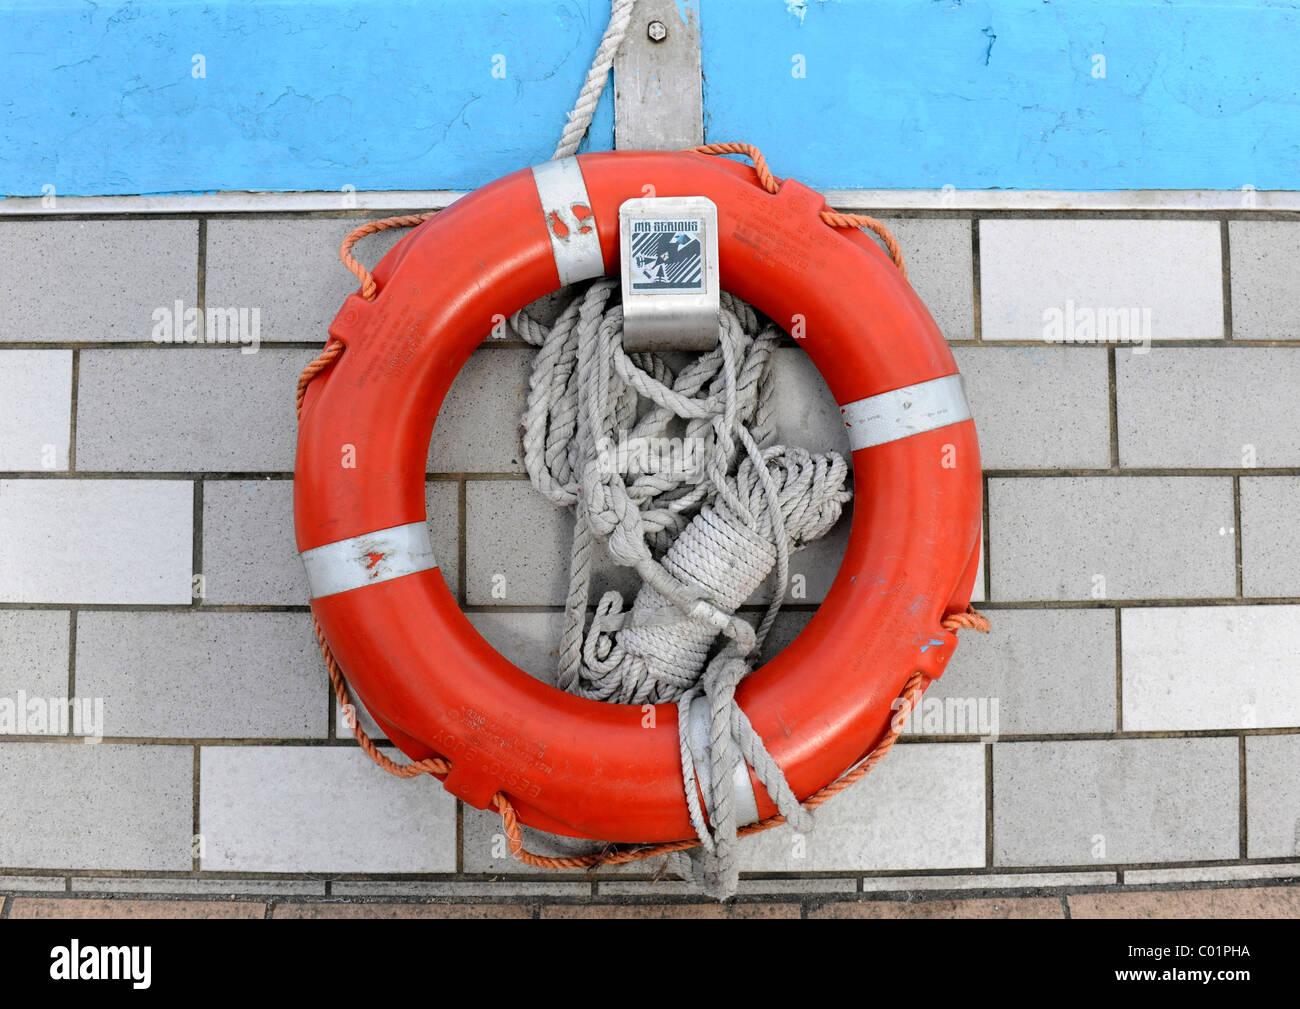 Life saver, Hong Kong, China, Asia - Stock Image